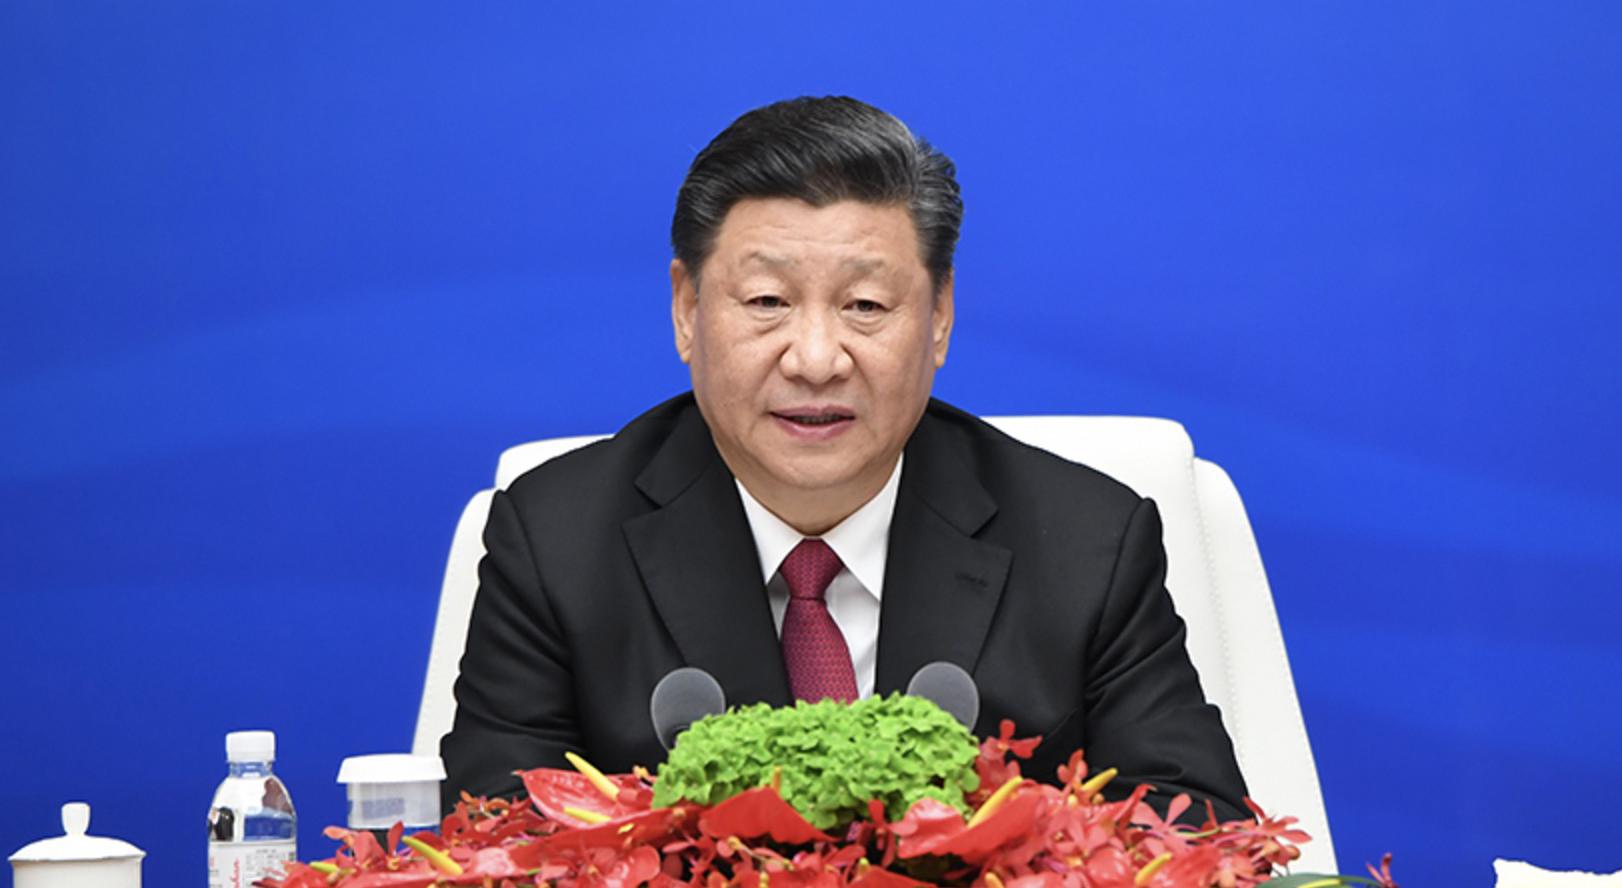 为完善全球海洋治理贡?#23383;?#22269;智慧——海外华侨华人热议习近平主席提出海洋命运共同体重要理念